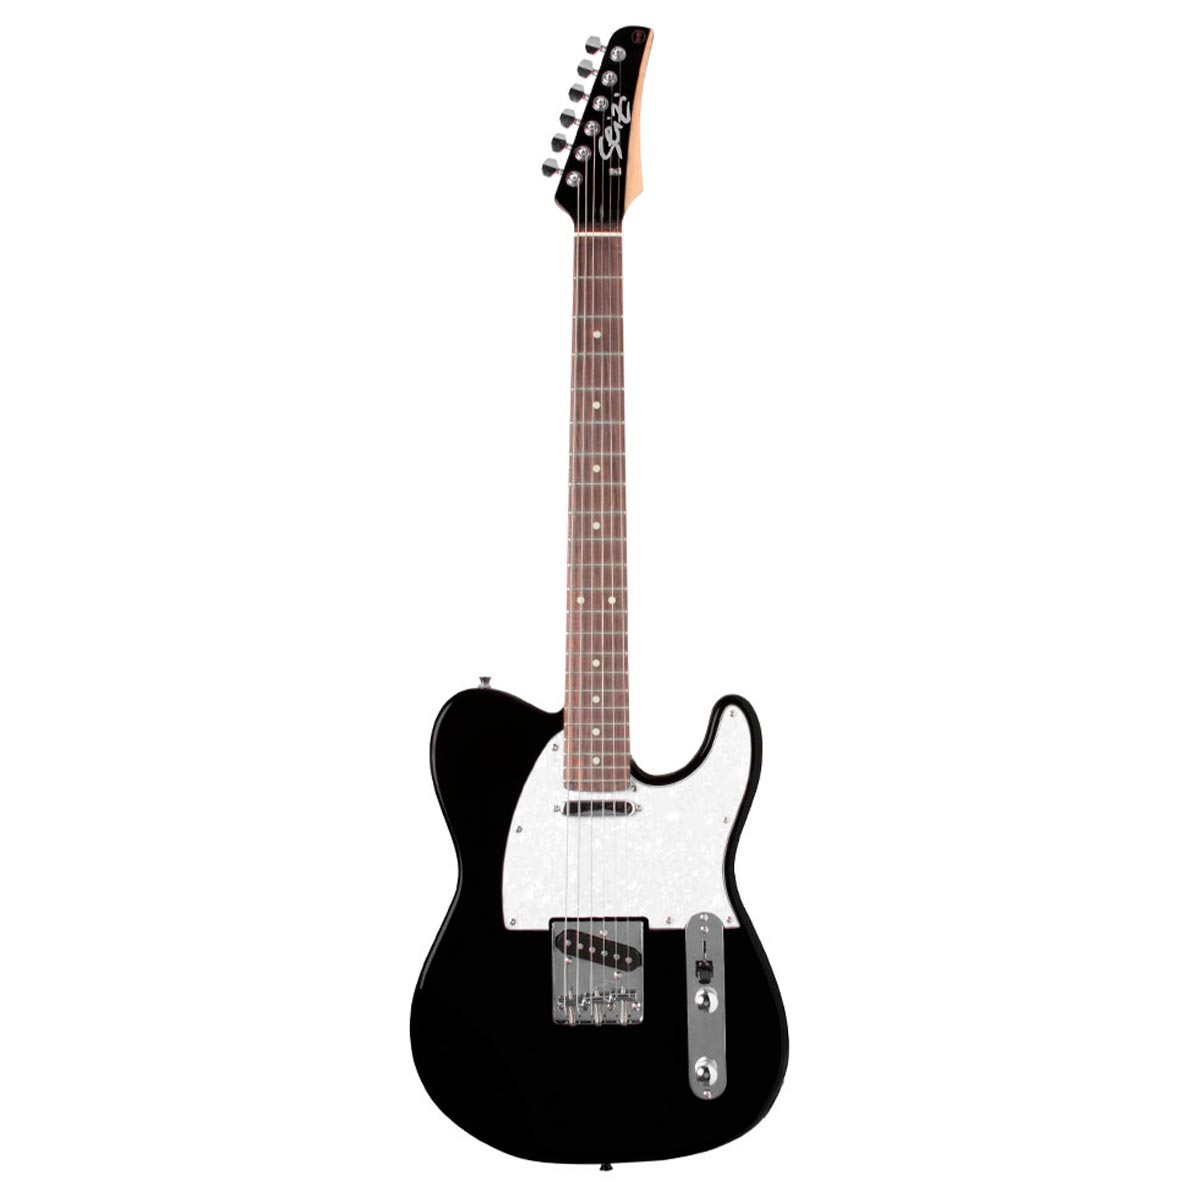 Guitarra Television Metallic Black Seizi c/ Escudo Branco Perolado - Seizi